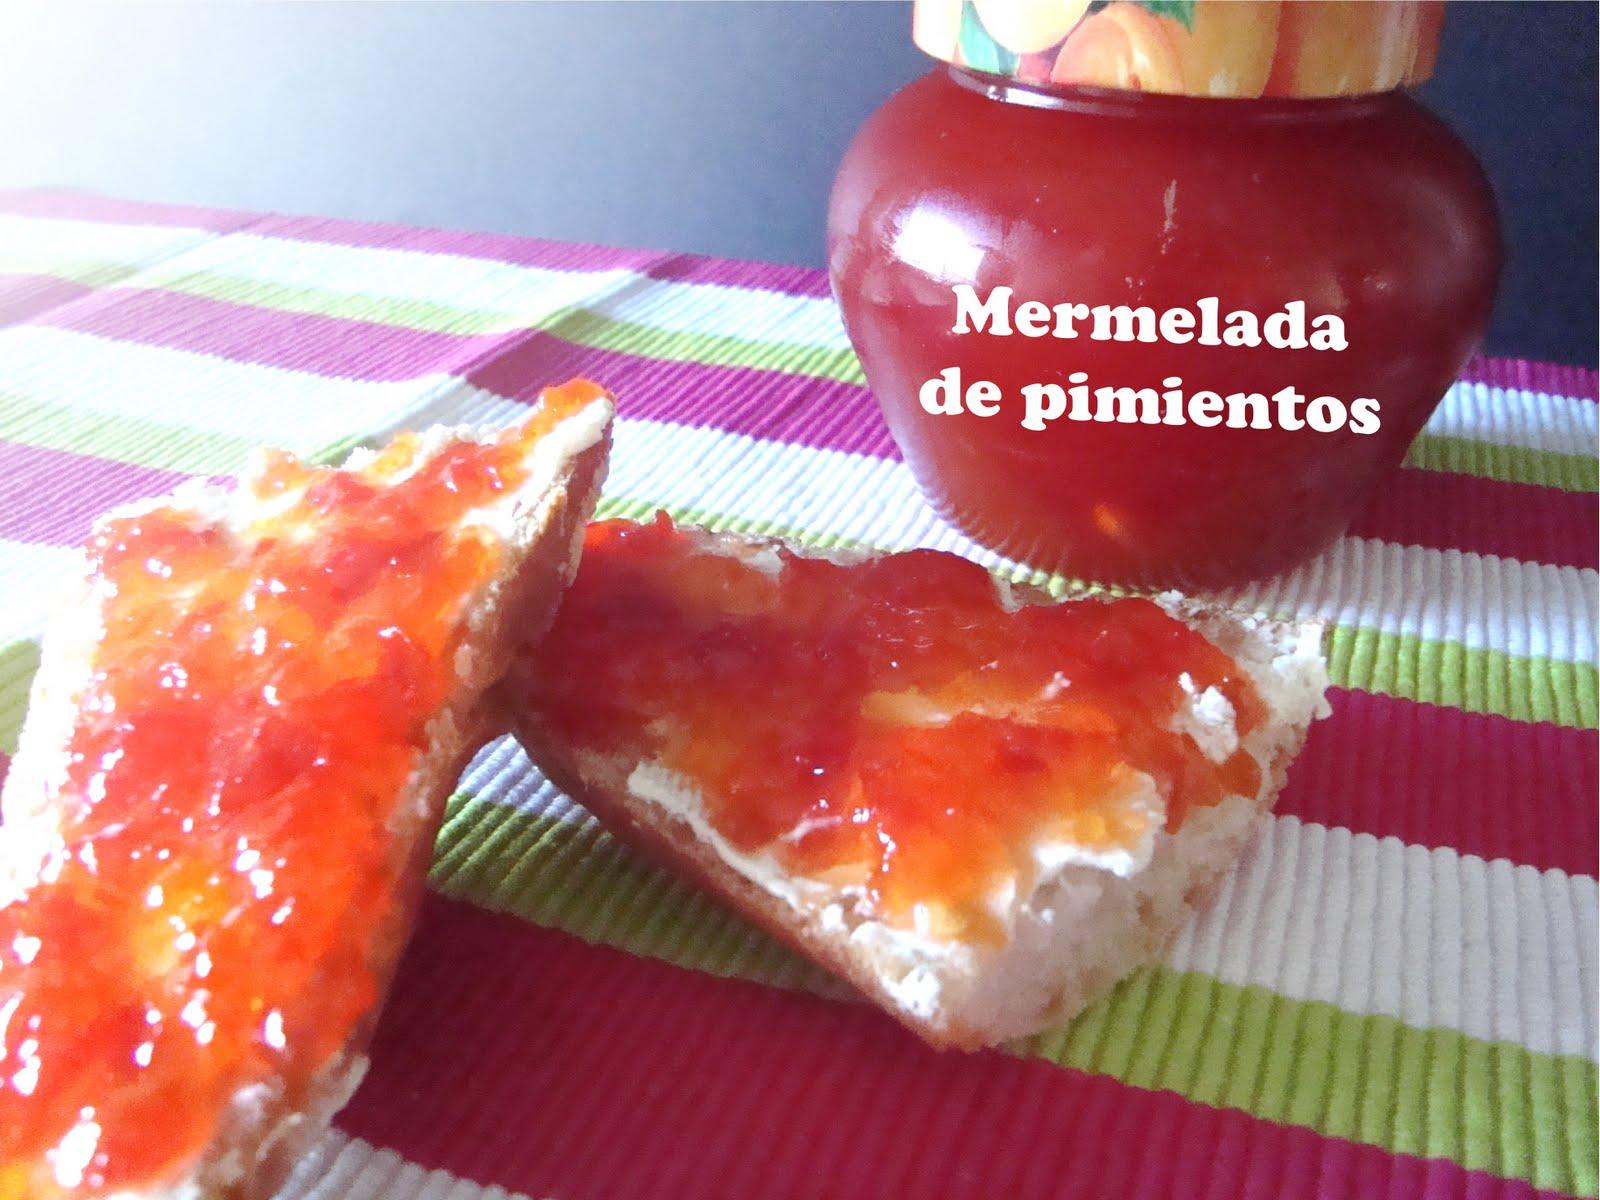 5 sentidos en la cocina mermelada de pimiento rojo - Mermelada de pimientos rojos ...